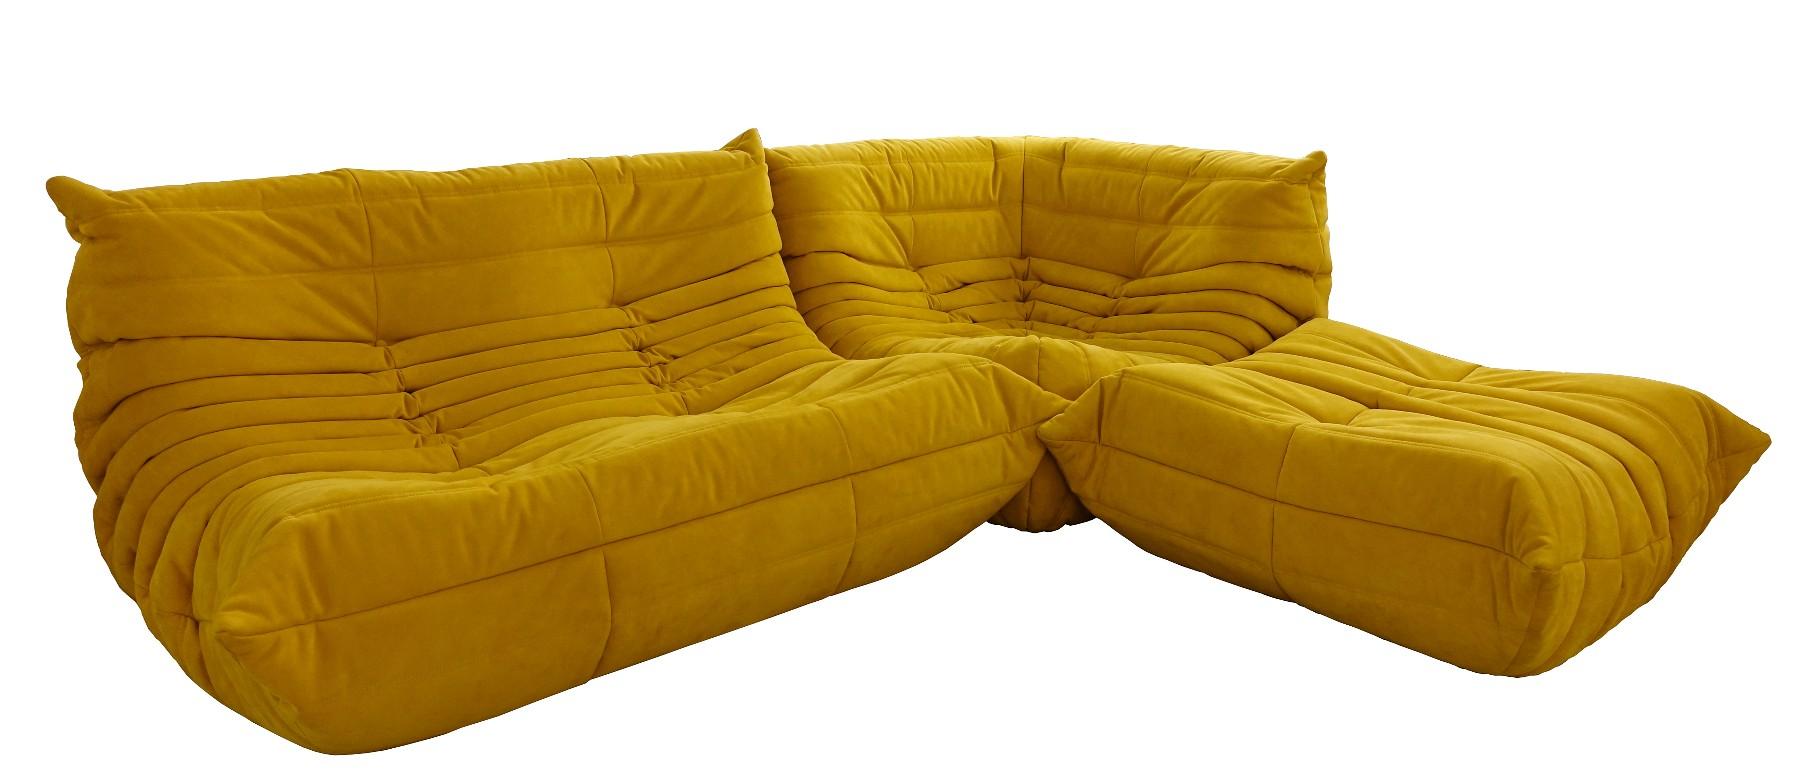 Verzauberkunst Sofa Alcantara Dekoration Von Yellow Togo Modular Set (3 Pieces) By